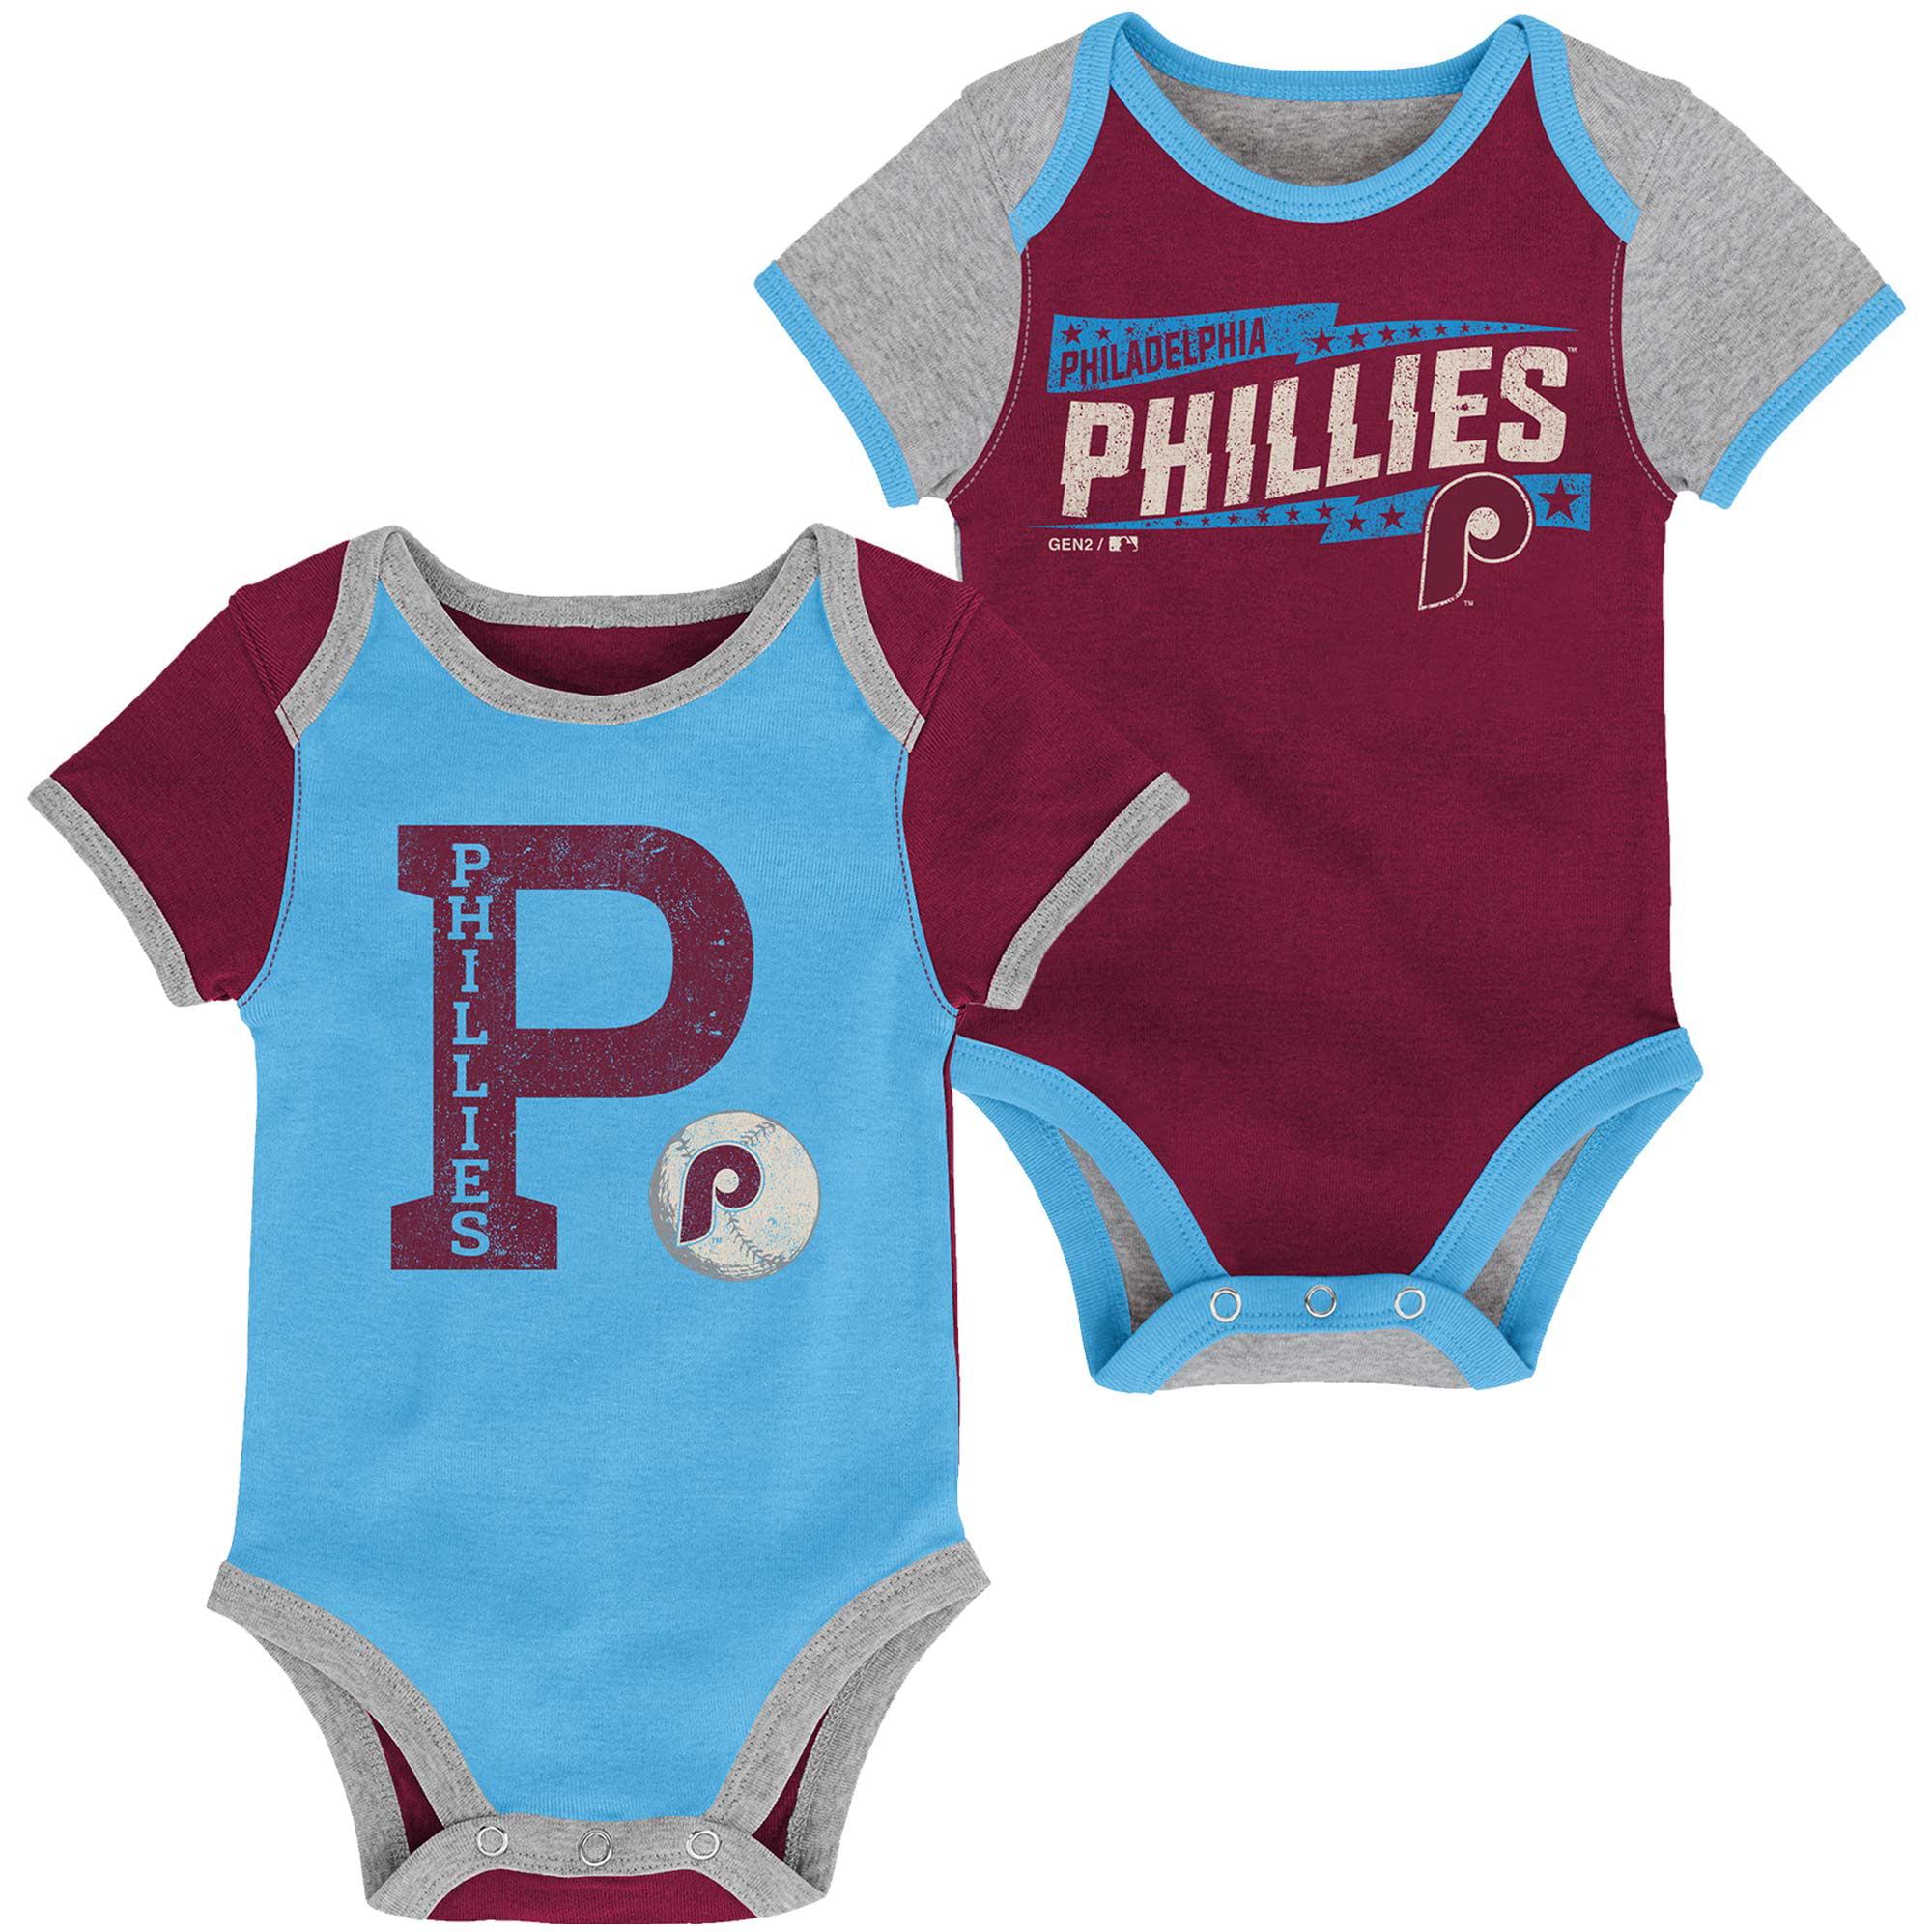 Philadelphia Phillies Newborn Baseball Star Two-Pack Bodysuit Set - Maroon/Light Blue